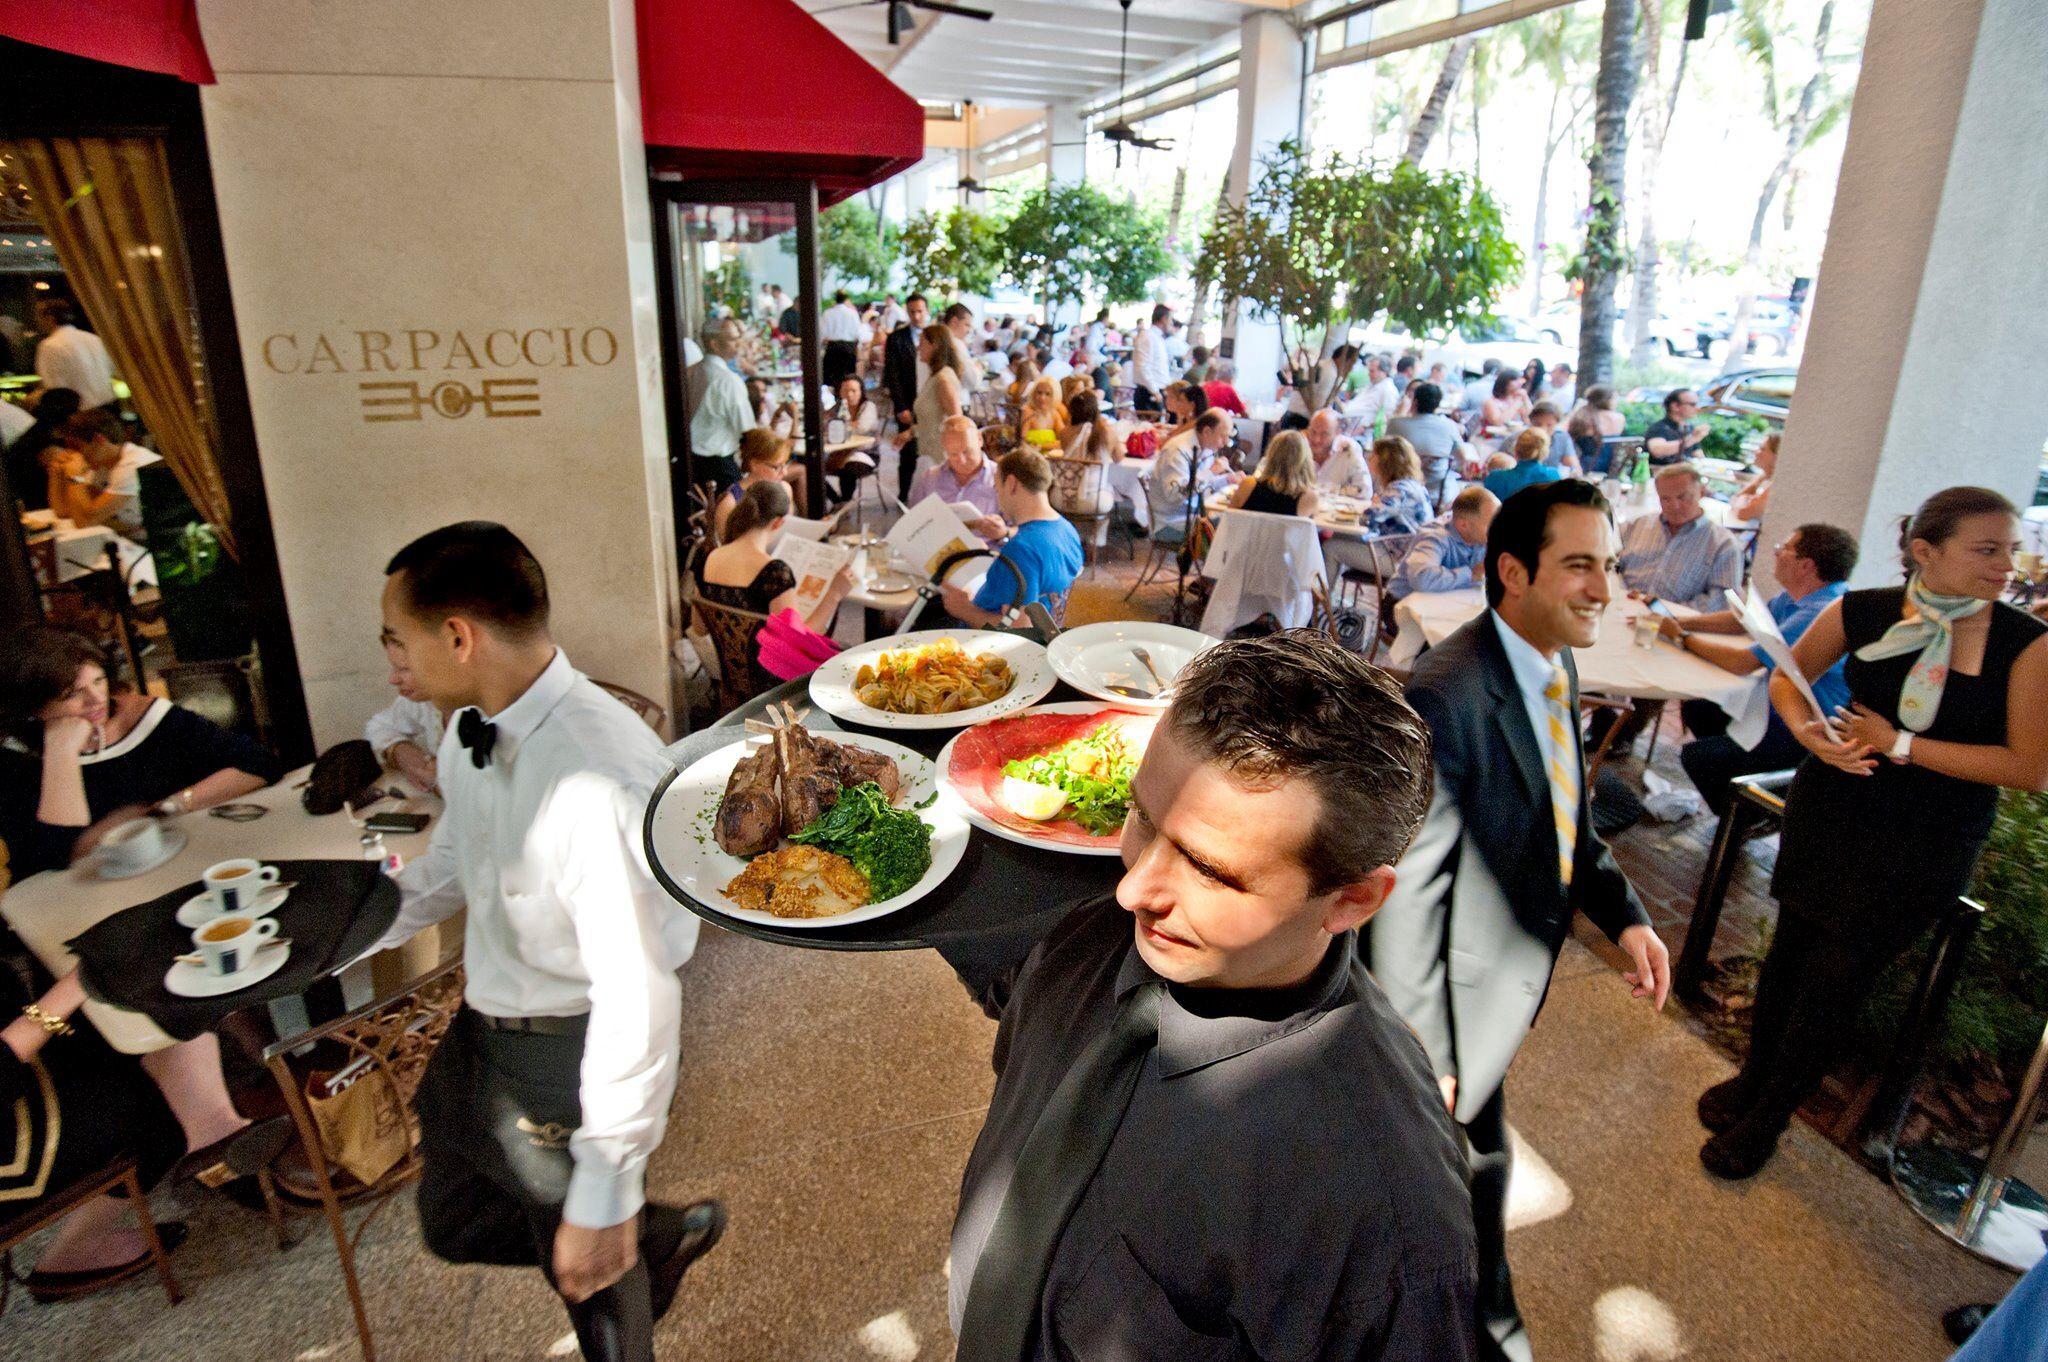 Carpaccio Restaurant Bal Harbour Shops Indulge Restaurant